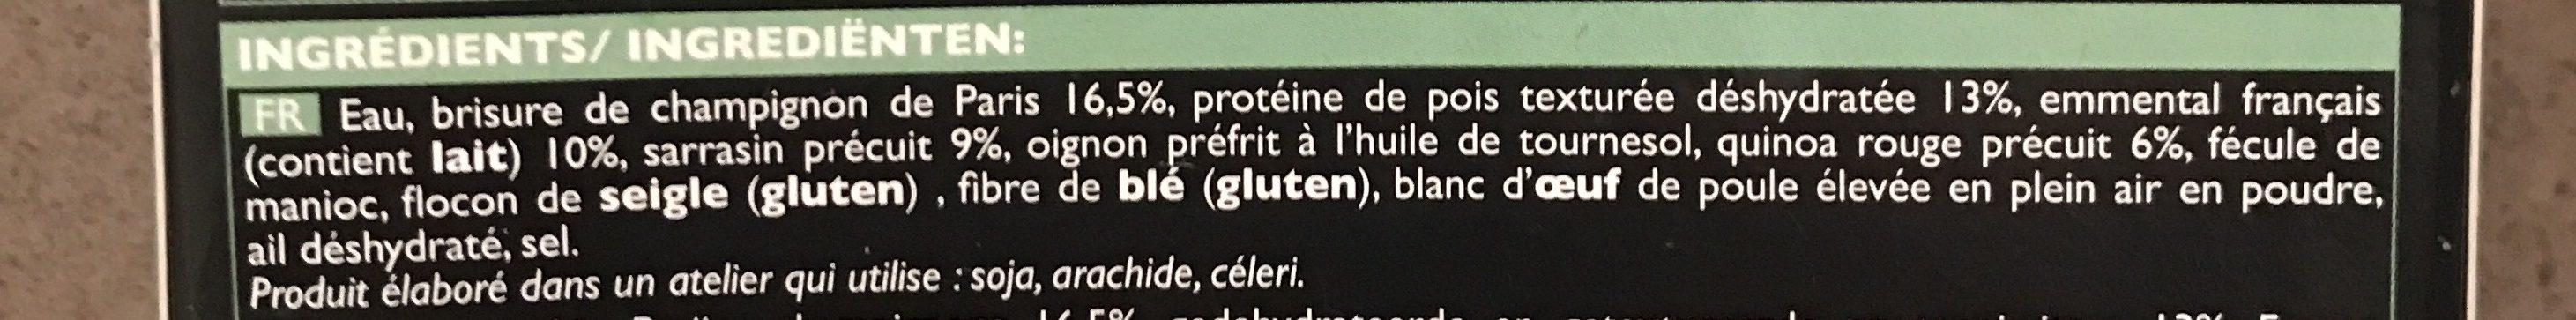 Galettes Végétales à la parisienne - Ingrédients